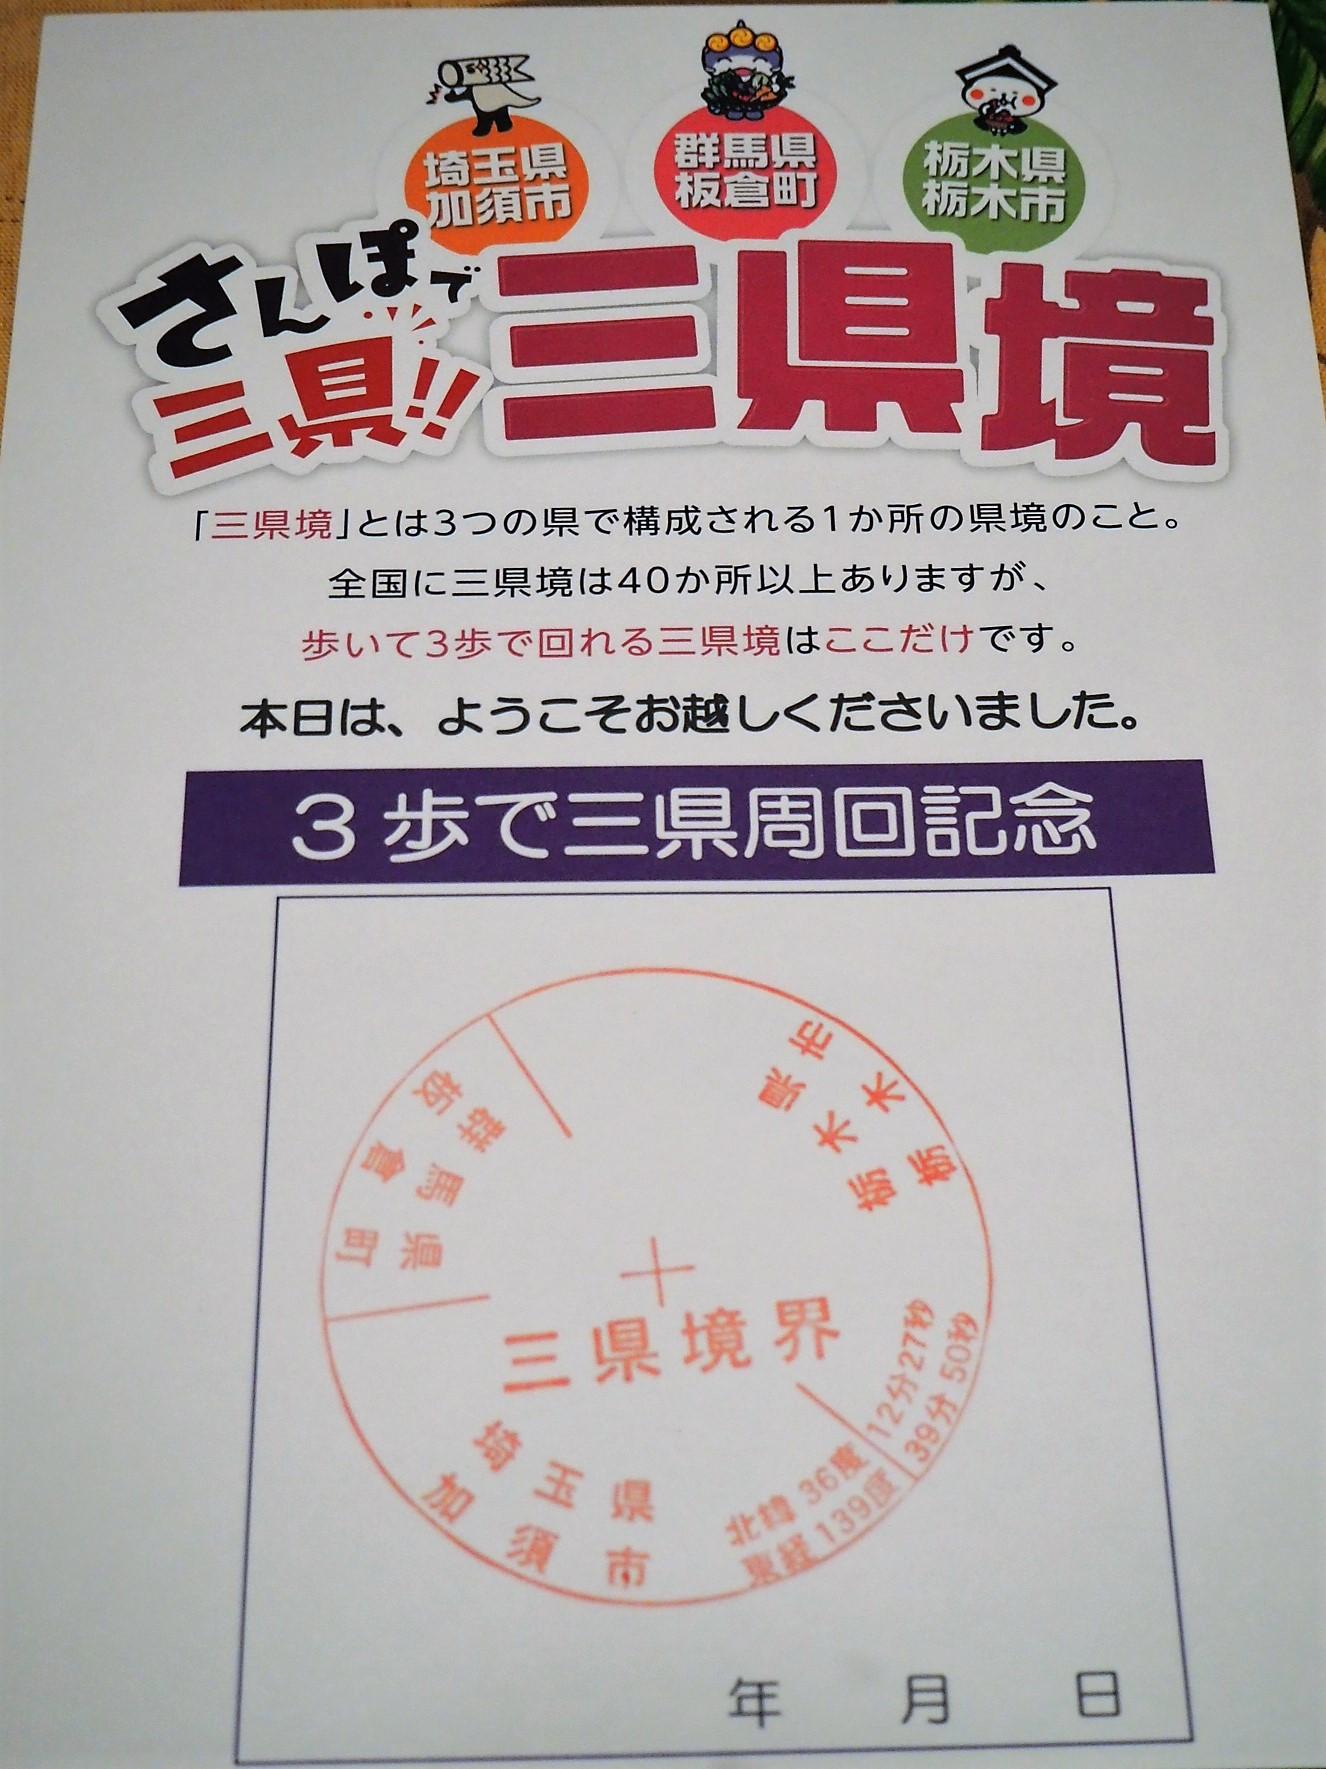 三県境訪問記念のスタンプ 用紙